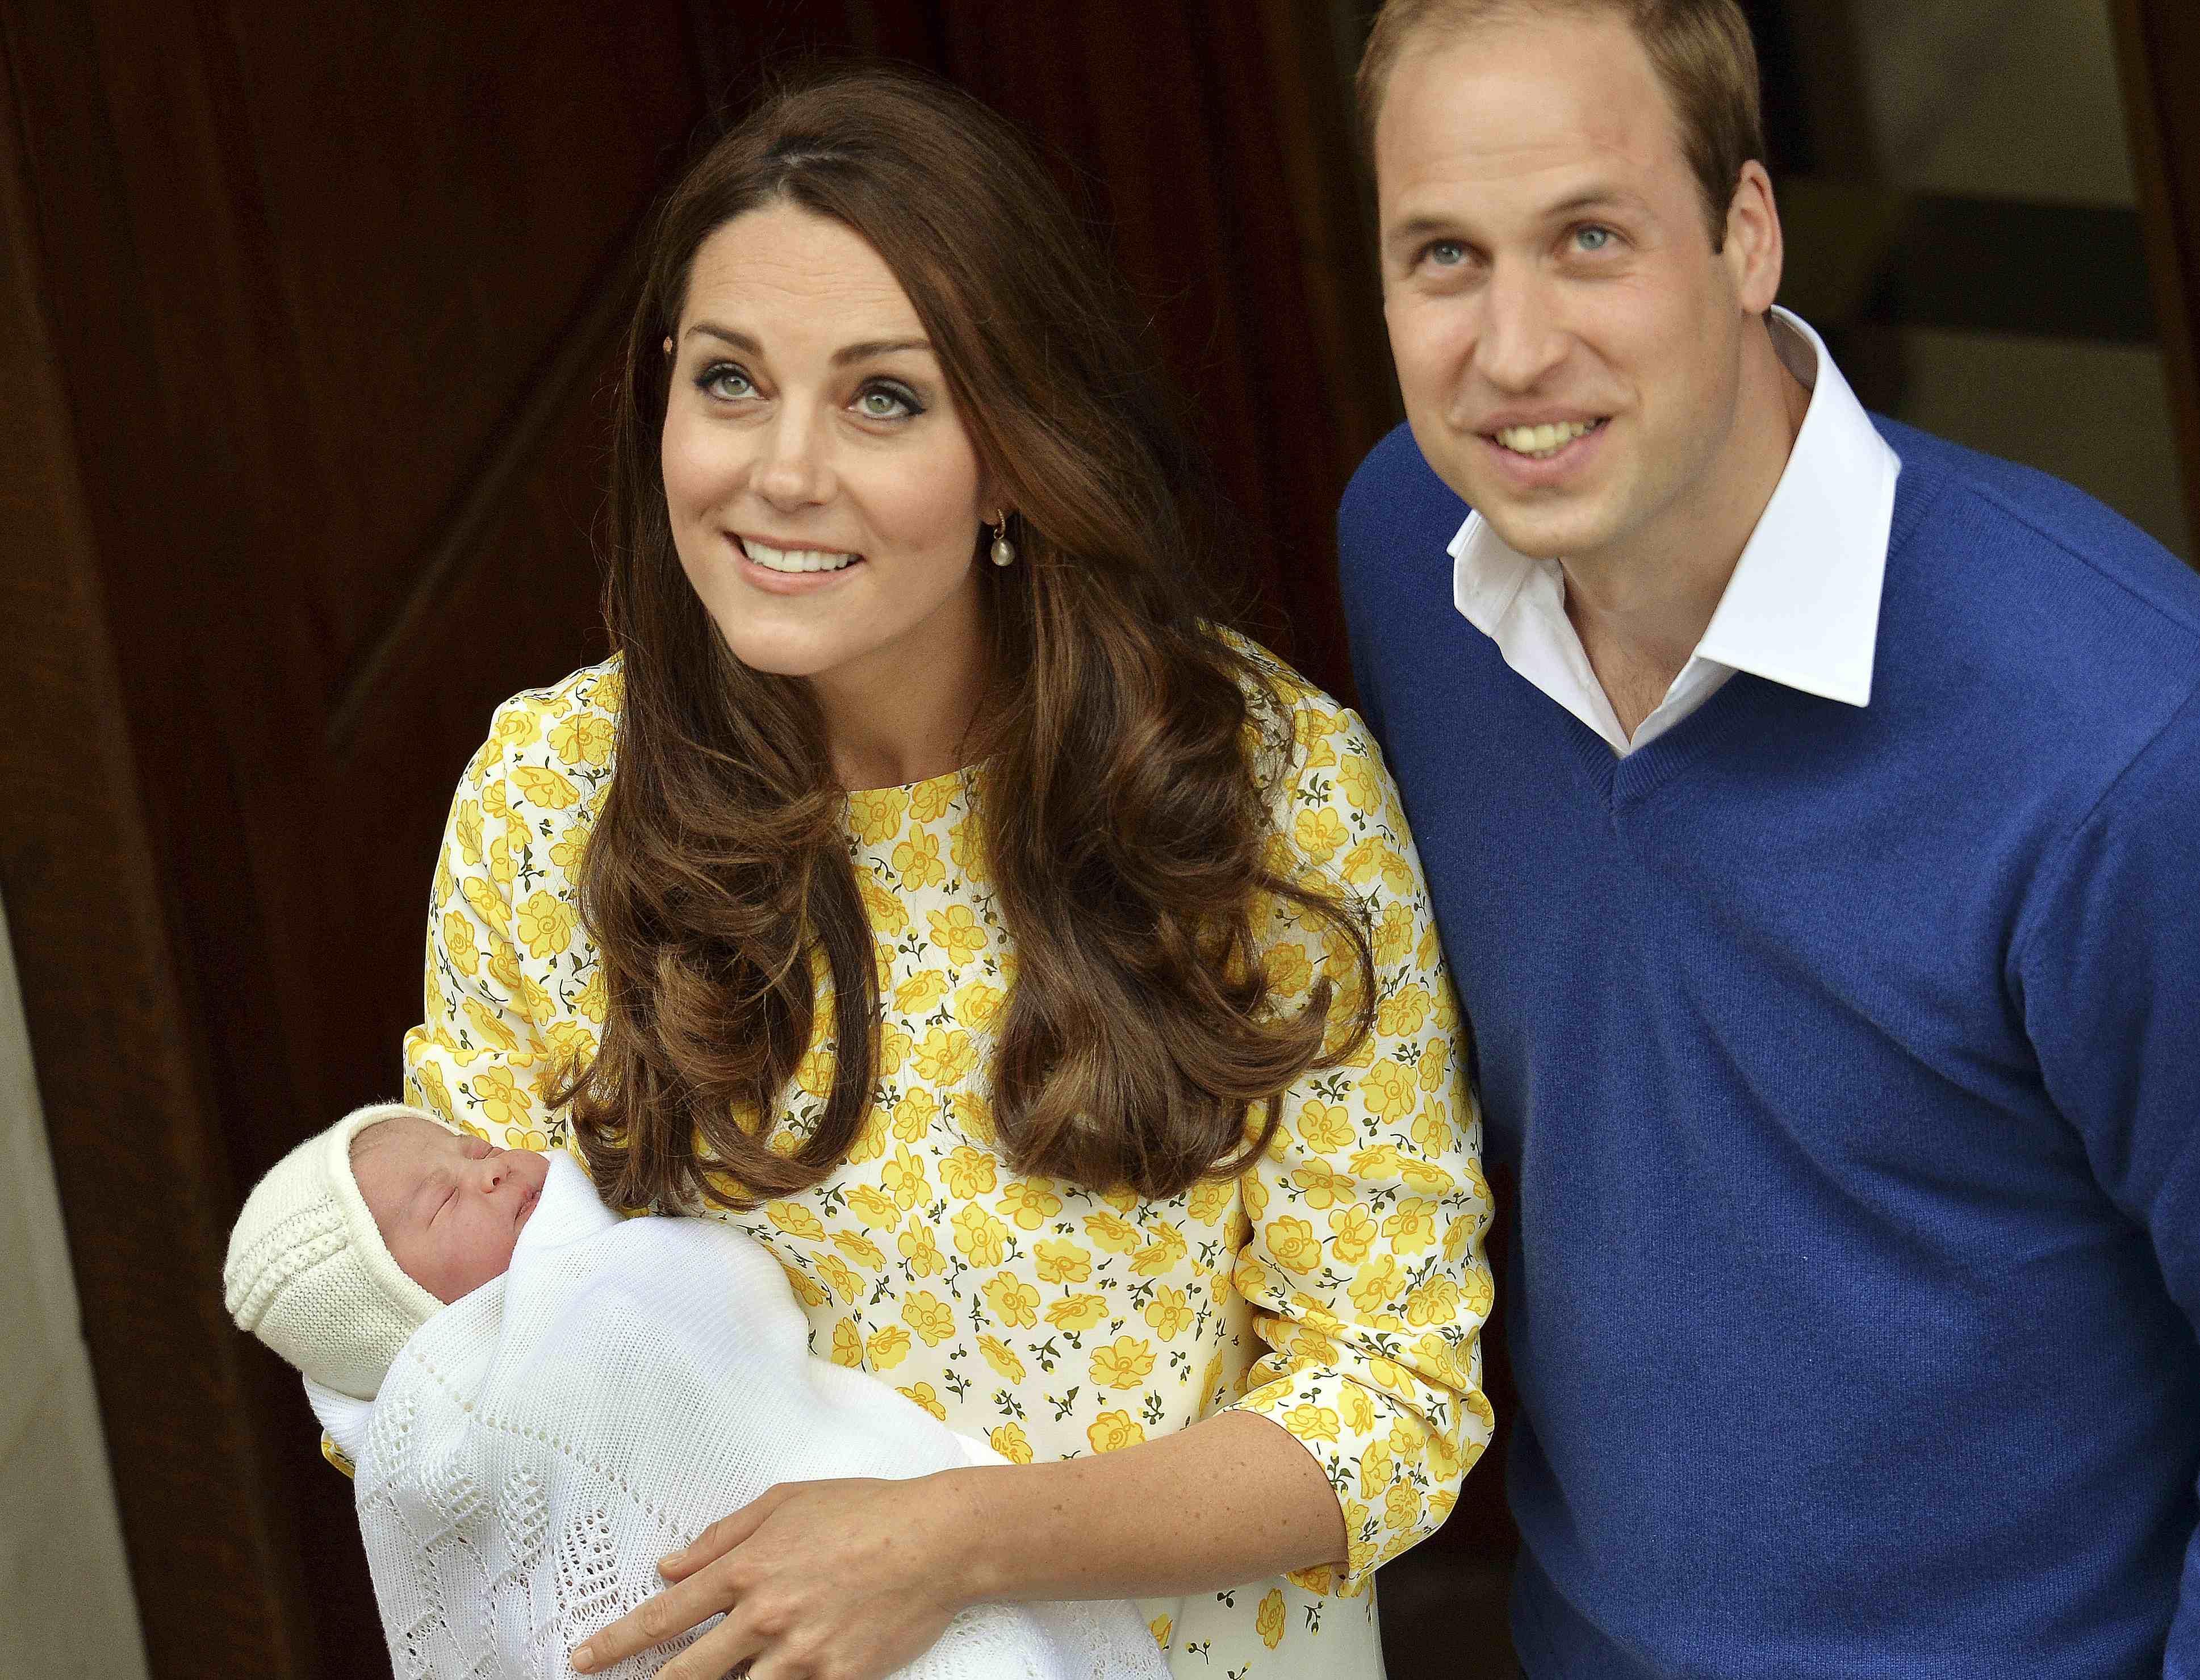 Księżniczka Charlotte w dniu swoich narodzin